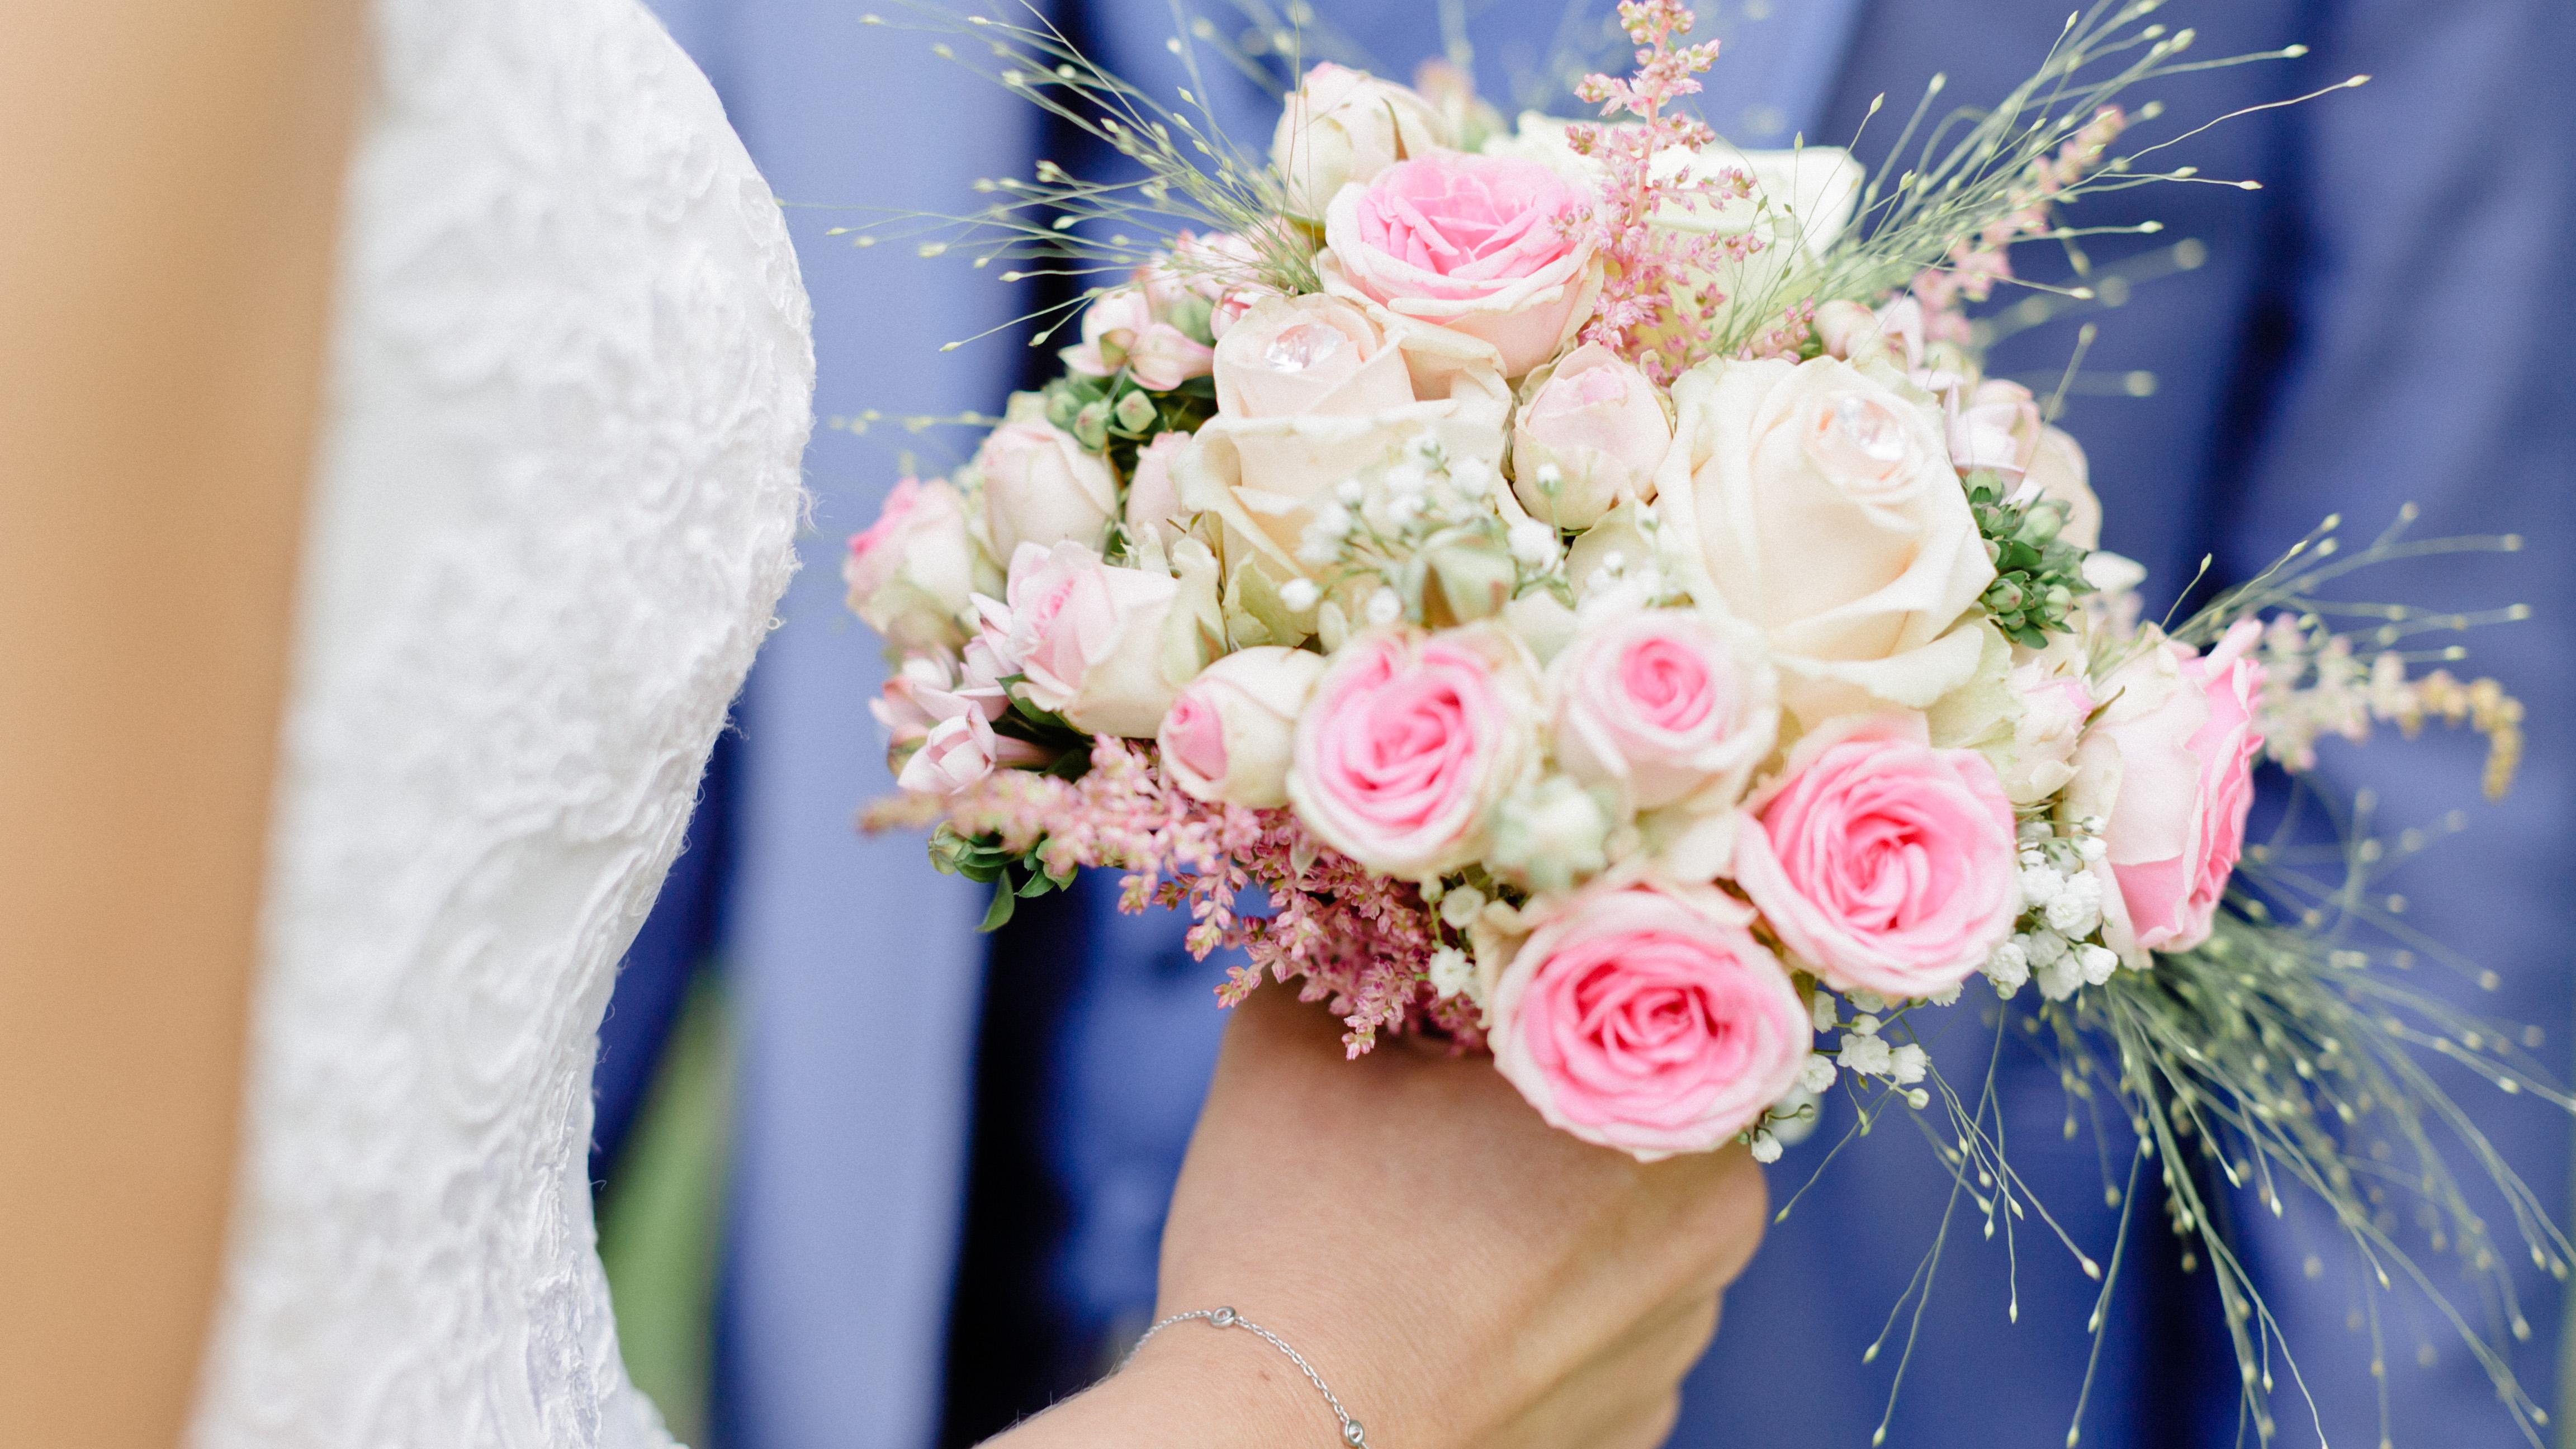 Mariage-Morbihan-Bretagne-Vannes-Lilian Vezin (26)